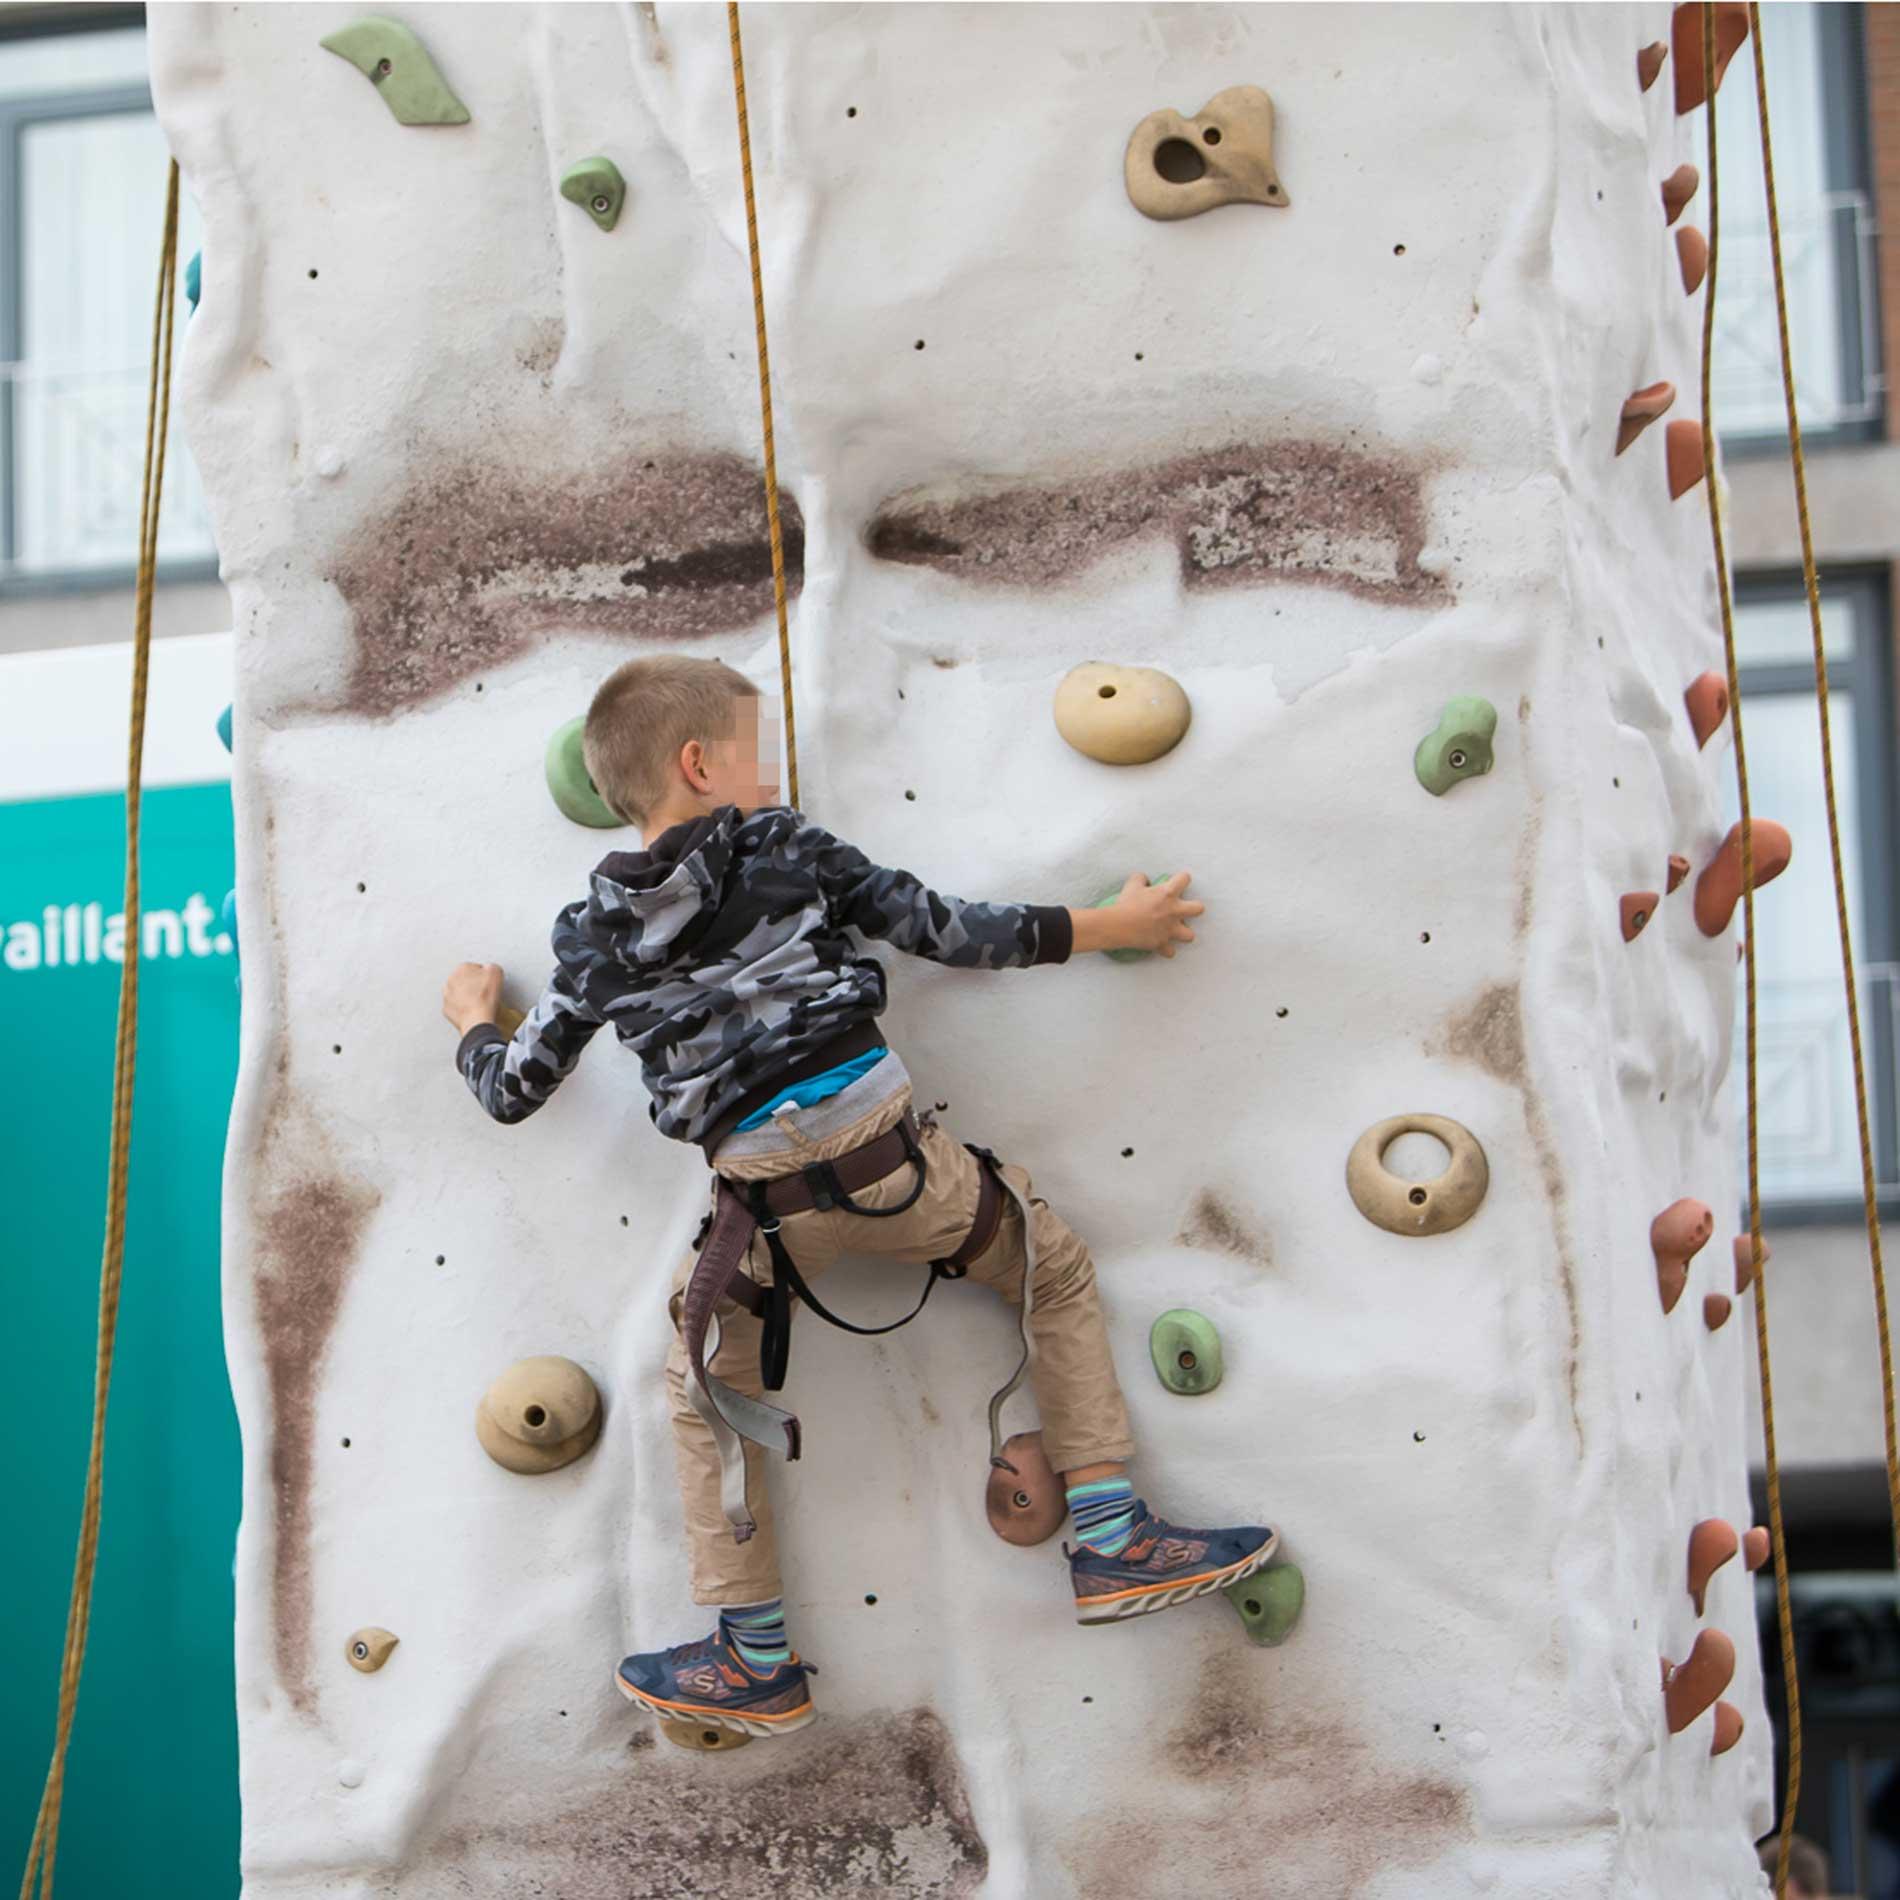 Mobile Kletterwand für Kinder